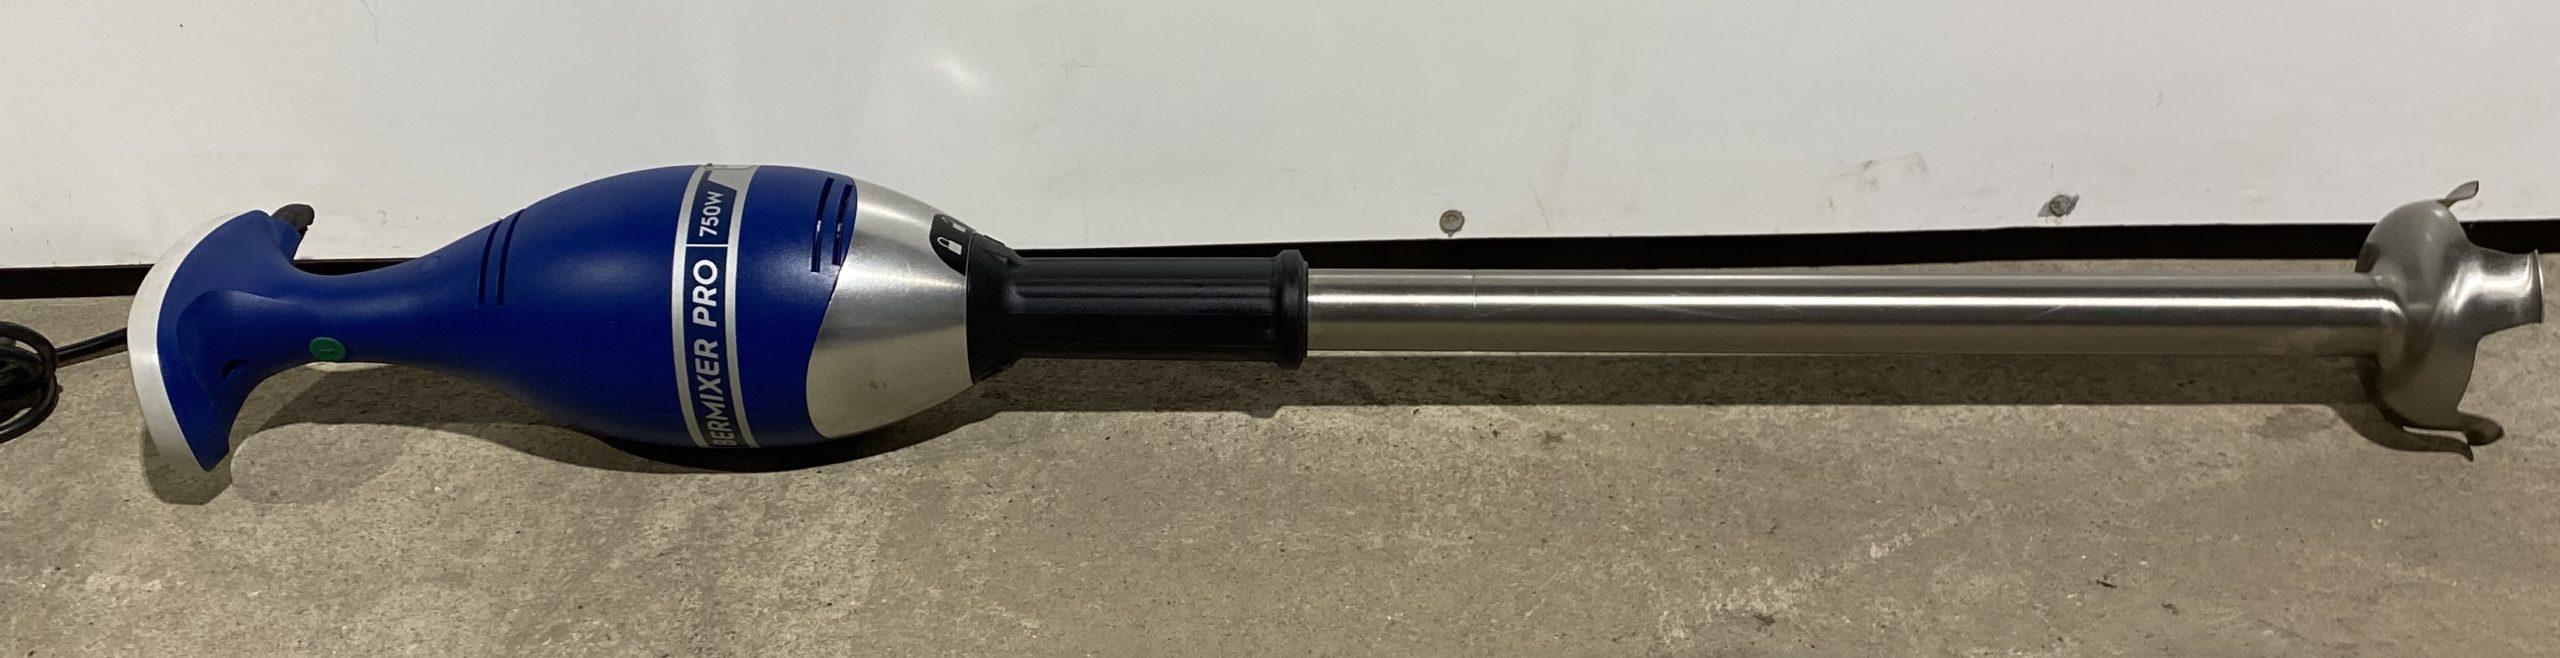 ELECTROLUX  Stick Blender – B Grade